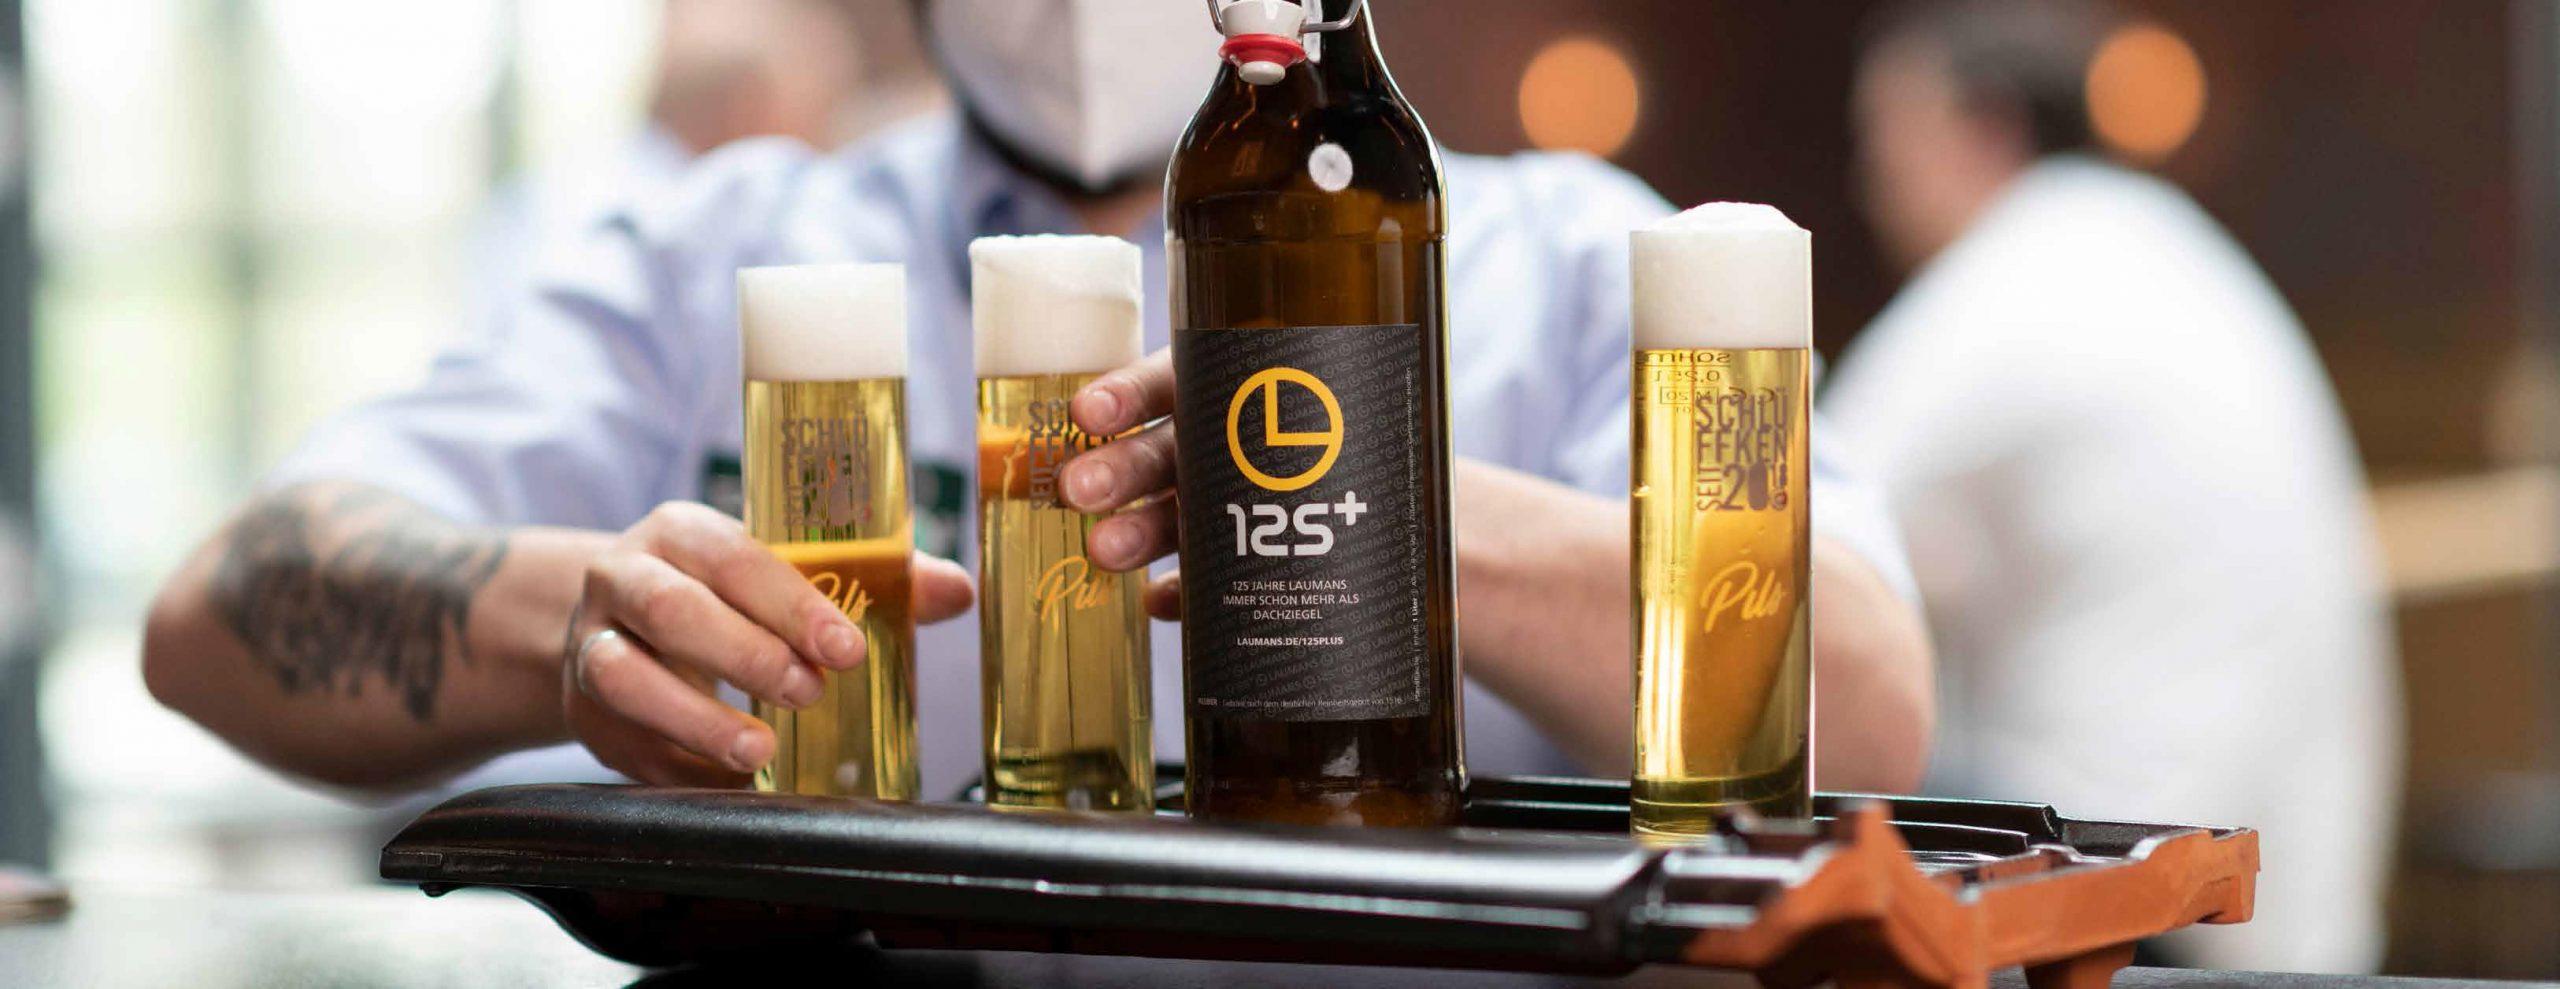 Laumans 125Jahre Jubiläums Bier